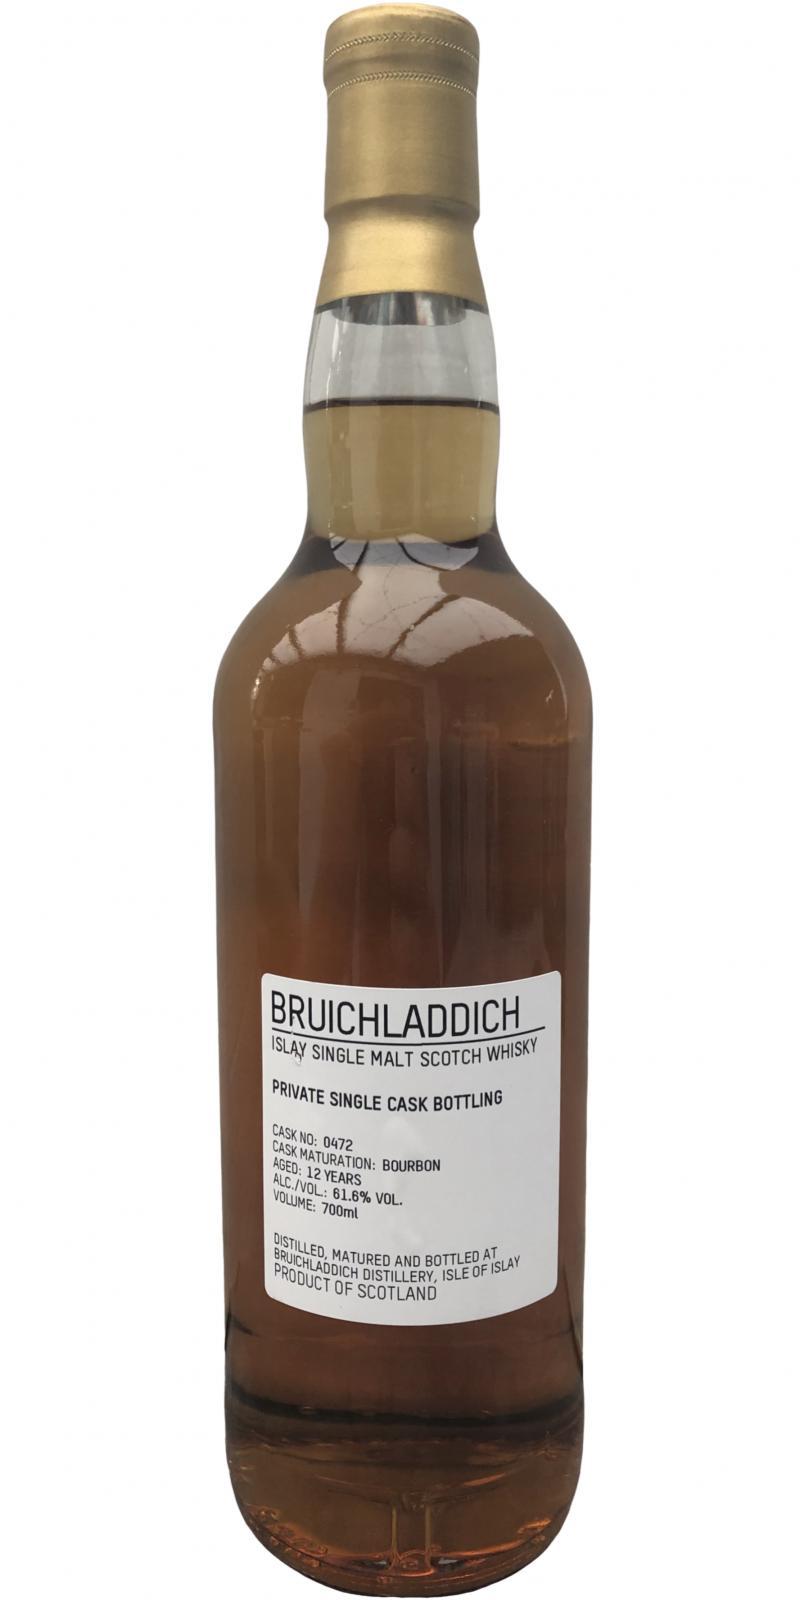 Bruichladdich 12-year-old